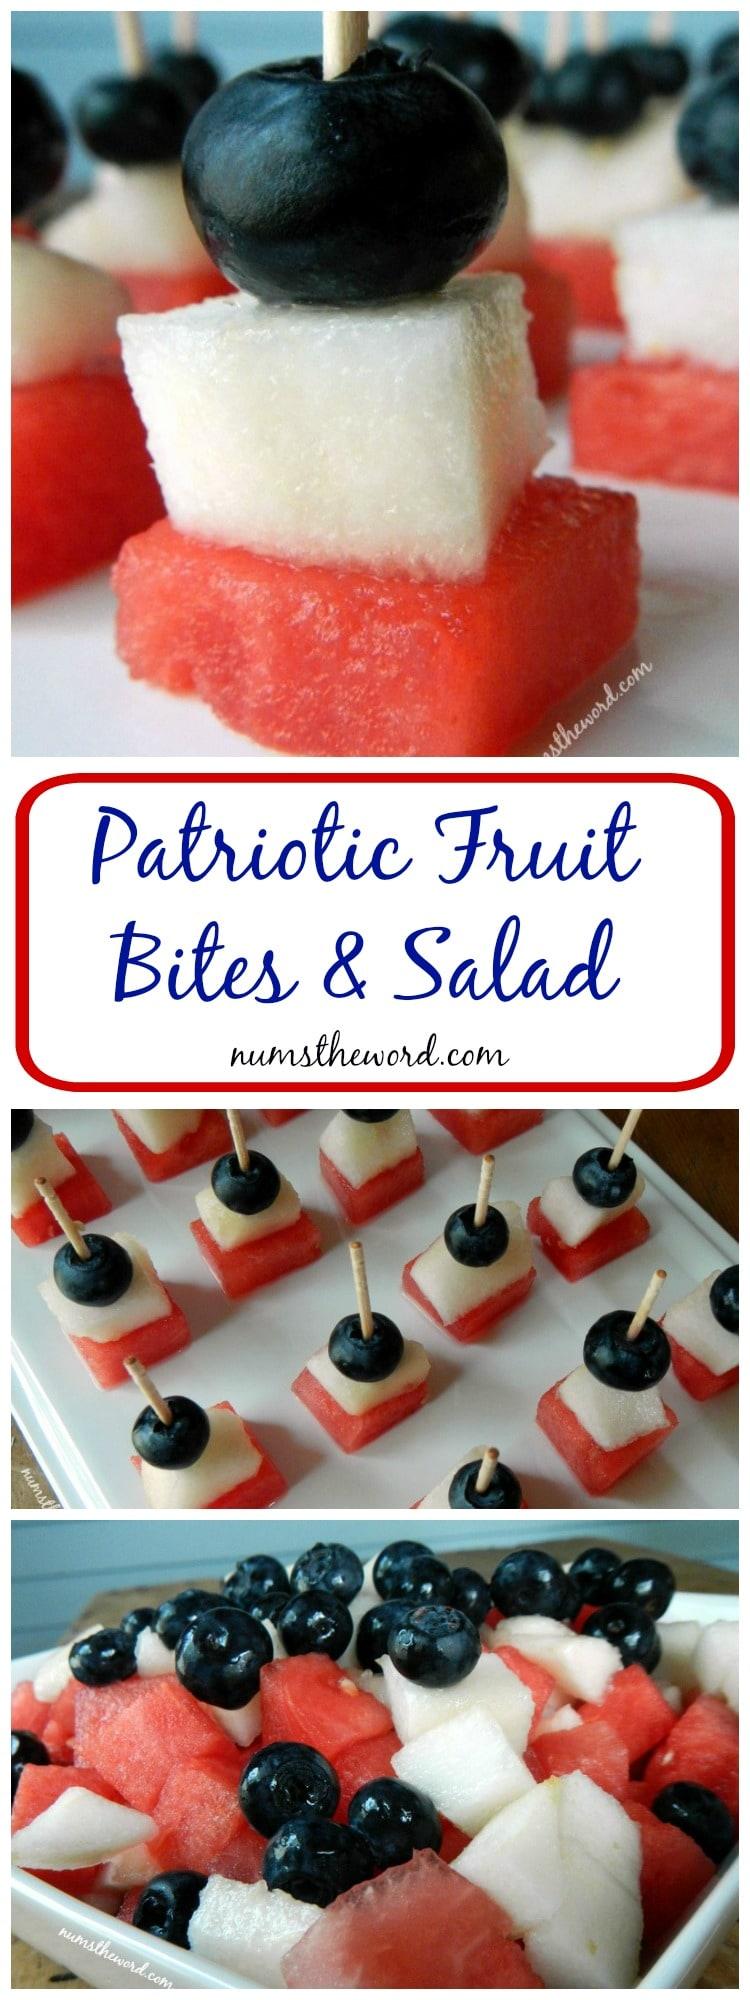 Patriotic Fruit Bites & Salad